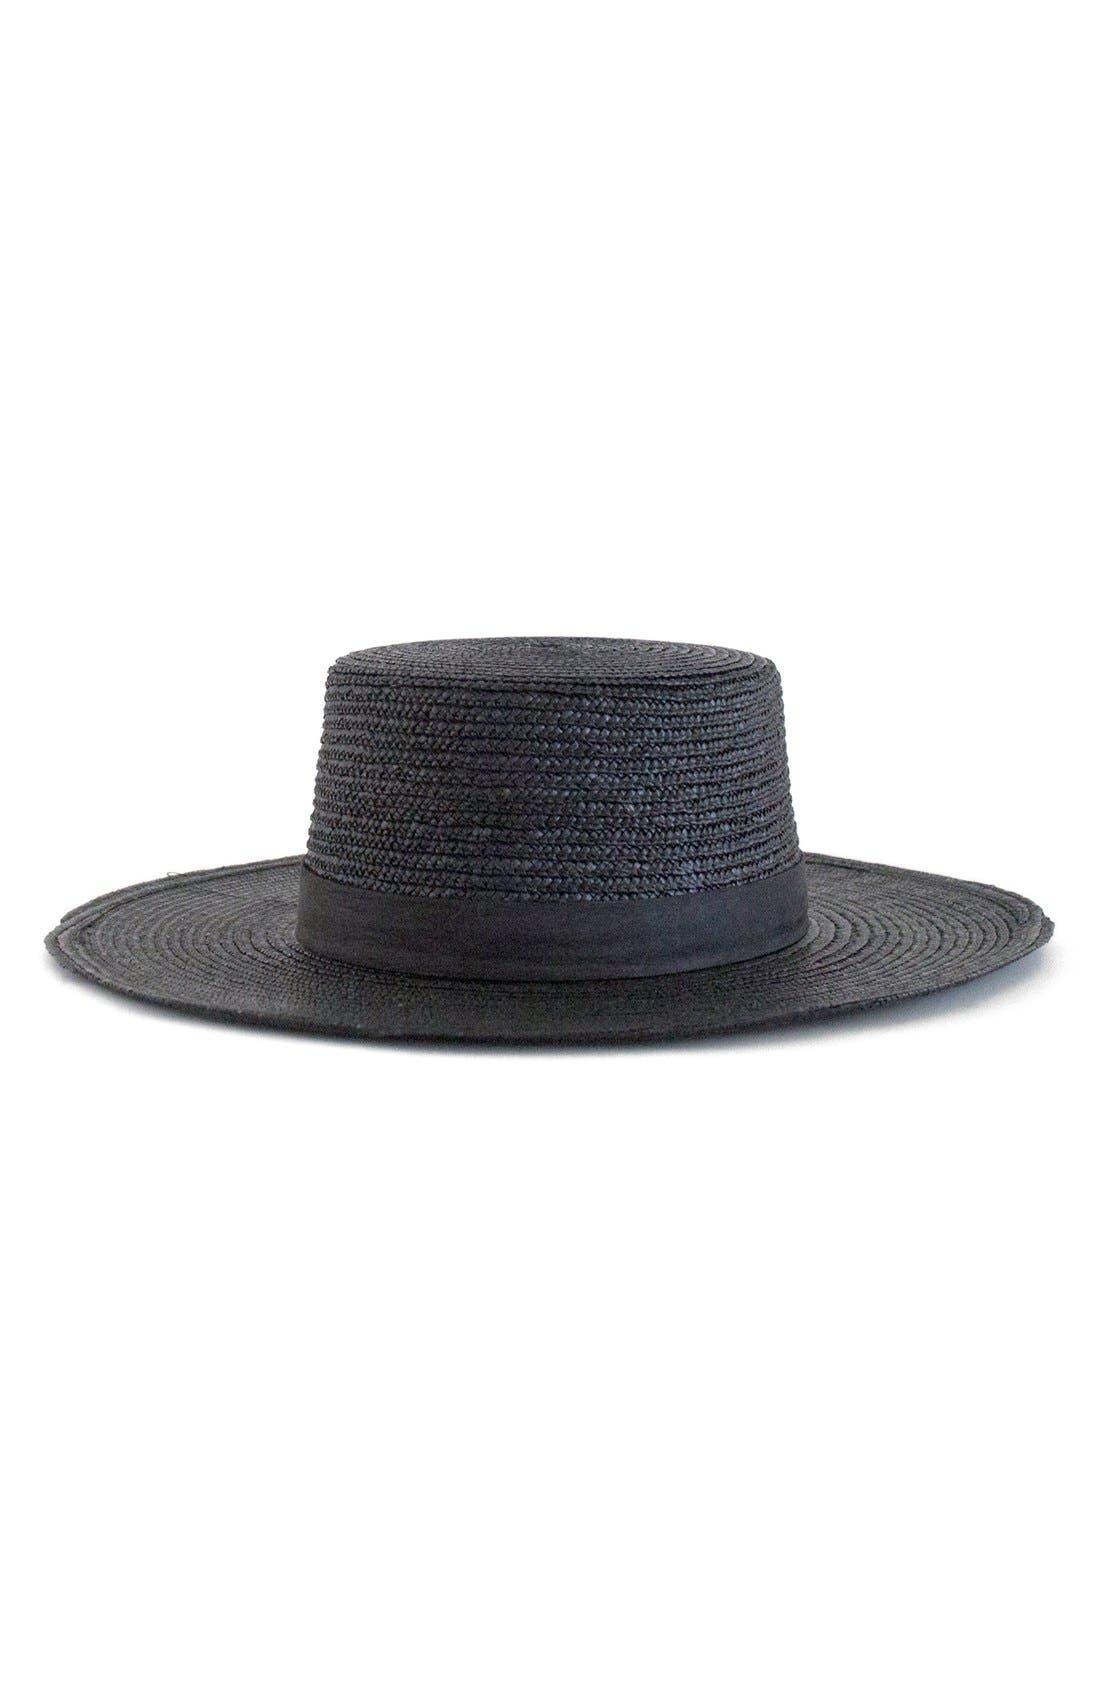 'Calla' Straw Bolero Hat,                         Main,                         color, 001